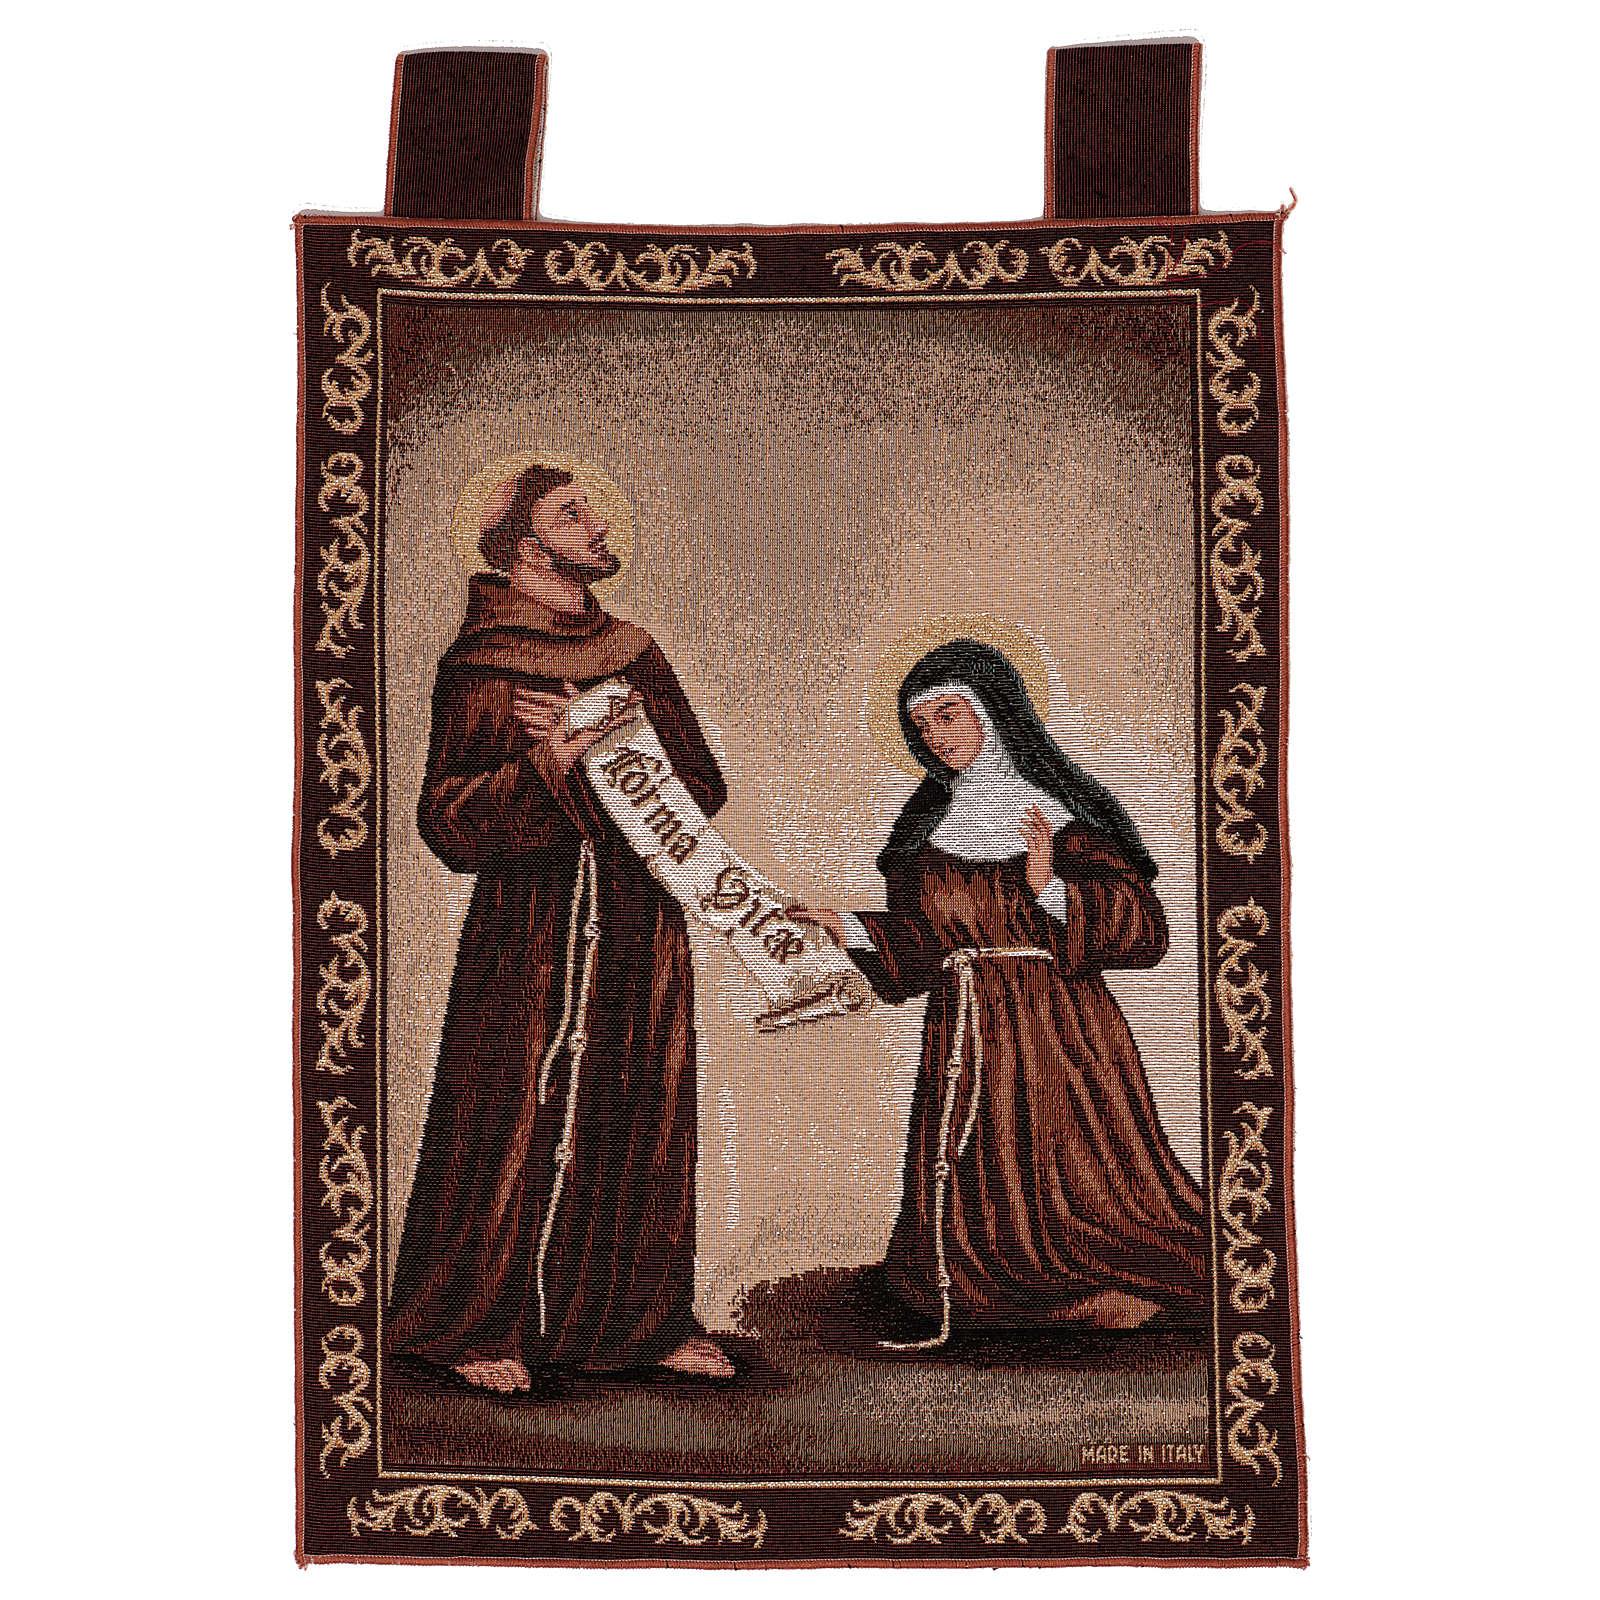 Wandteppich Empfang der Ordensregeln Heiliger Franziskus und Heilige Klara 50x40 cm 3